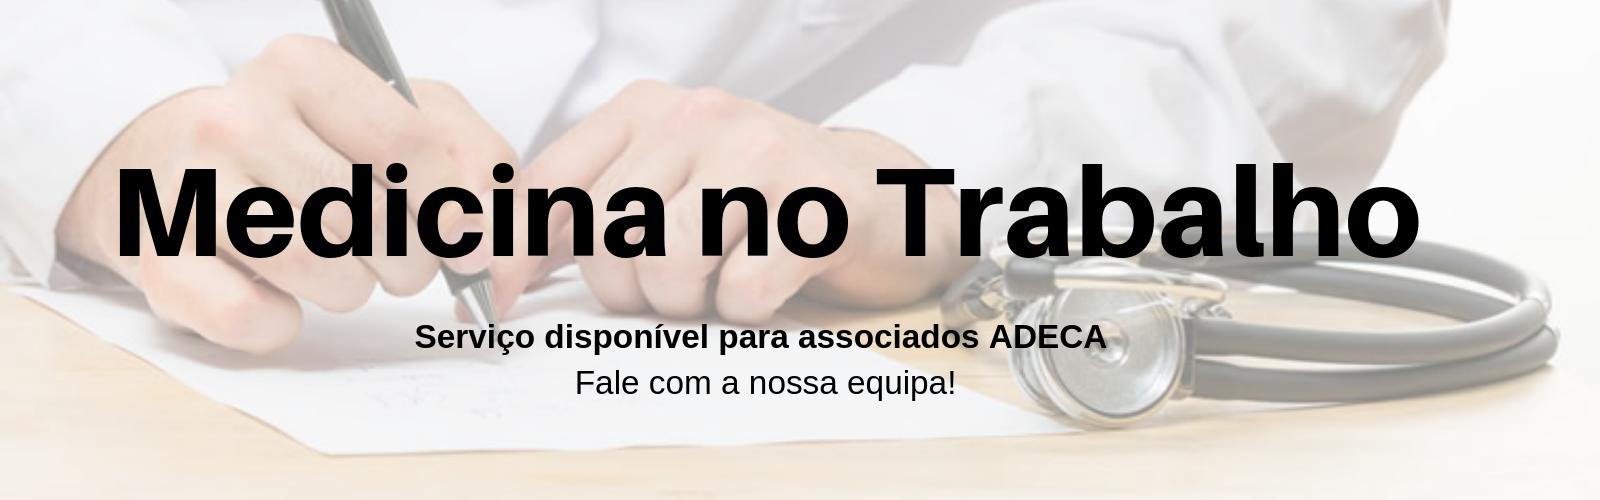 Serviços de medicina no trabalho para associados ADECA.